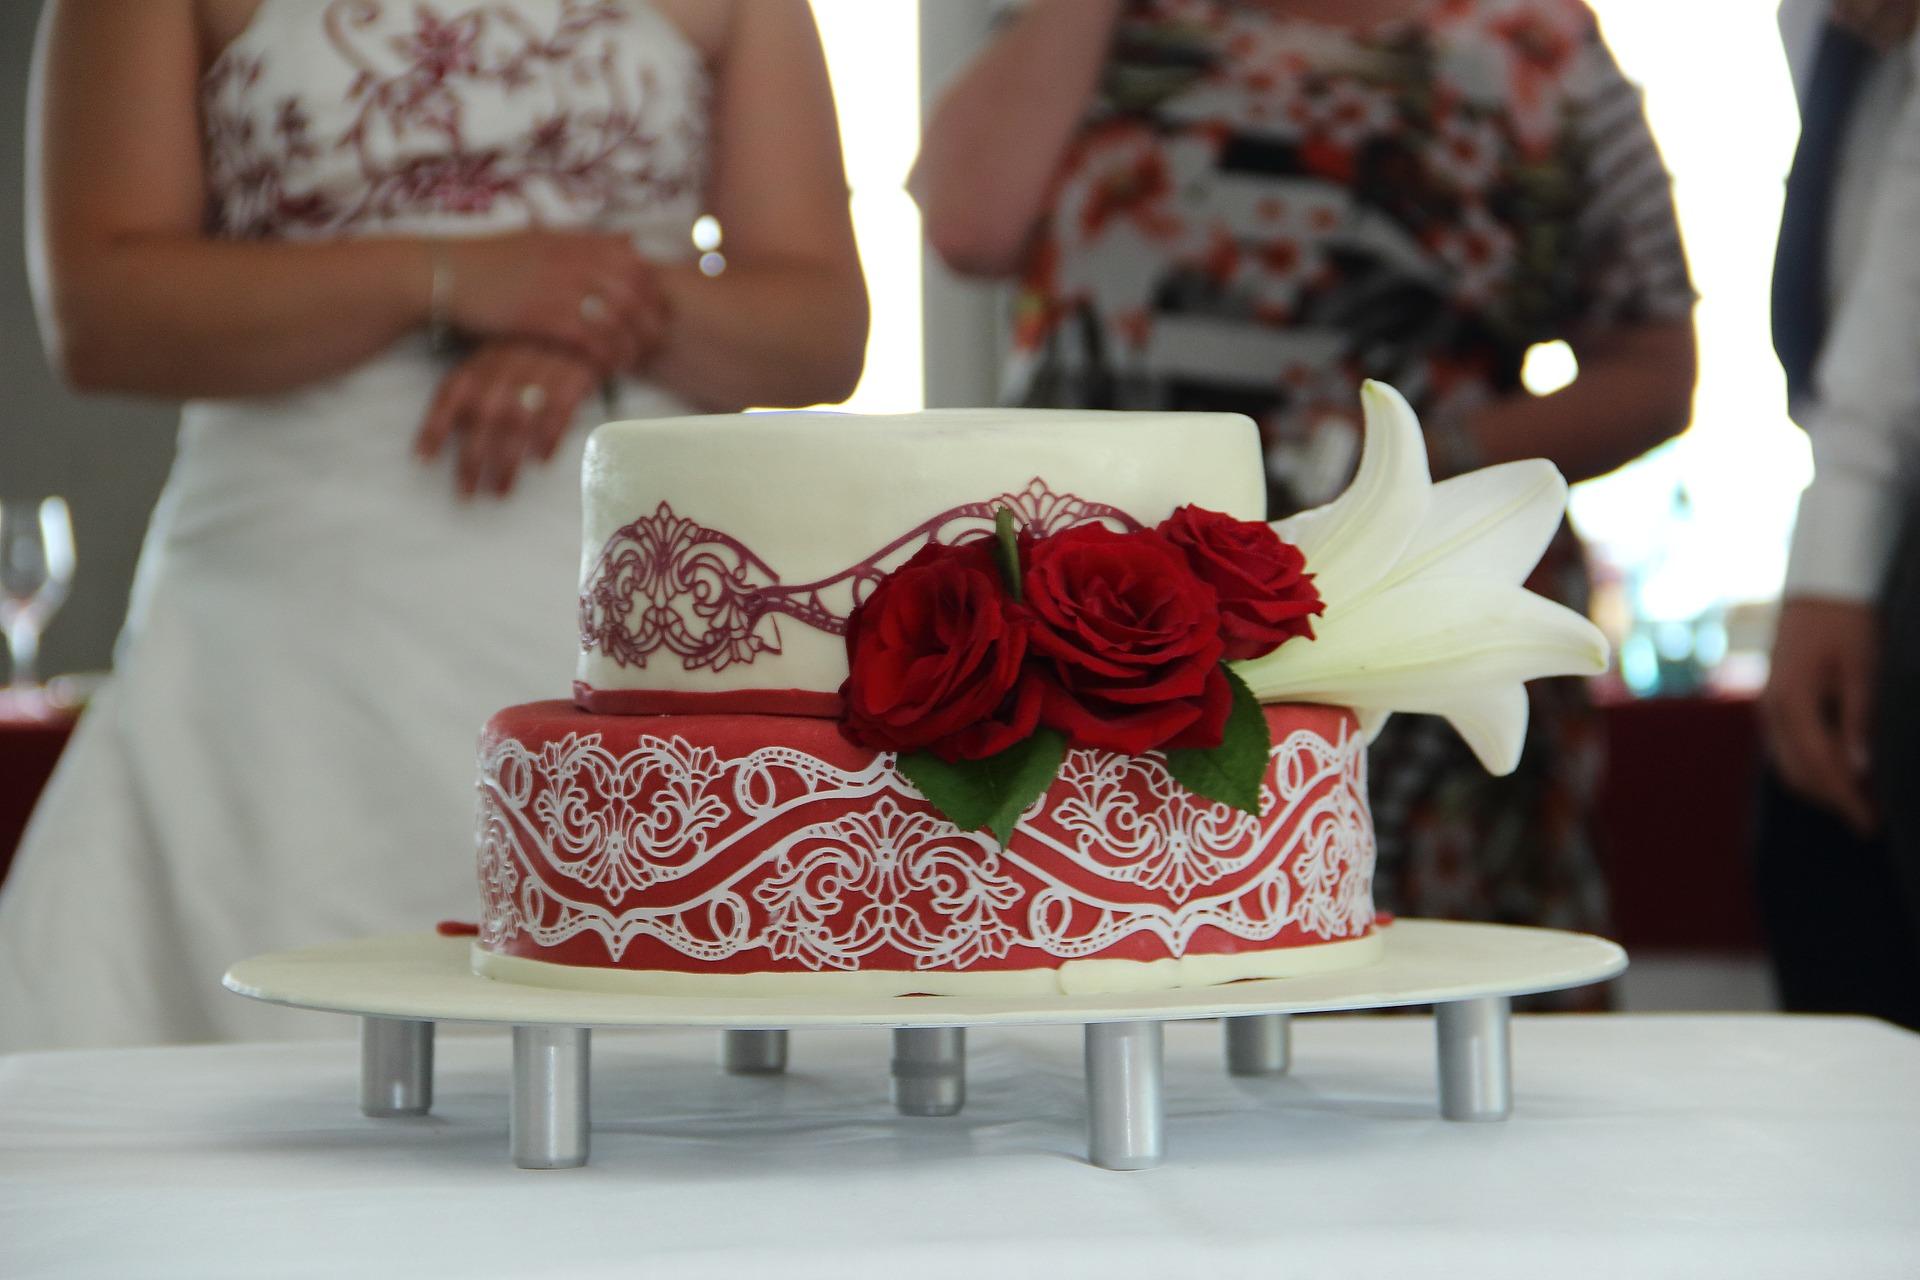 hagyományos-esküvői-torta